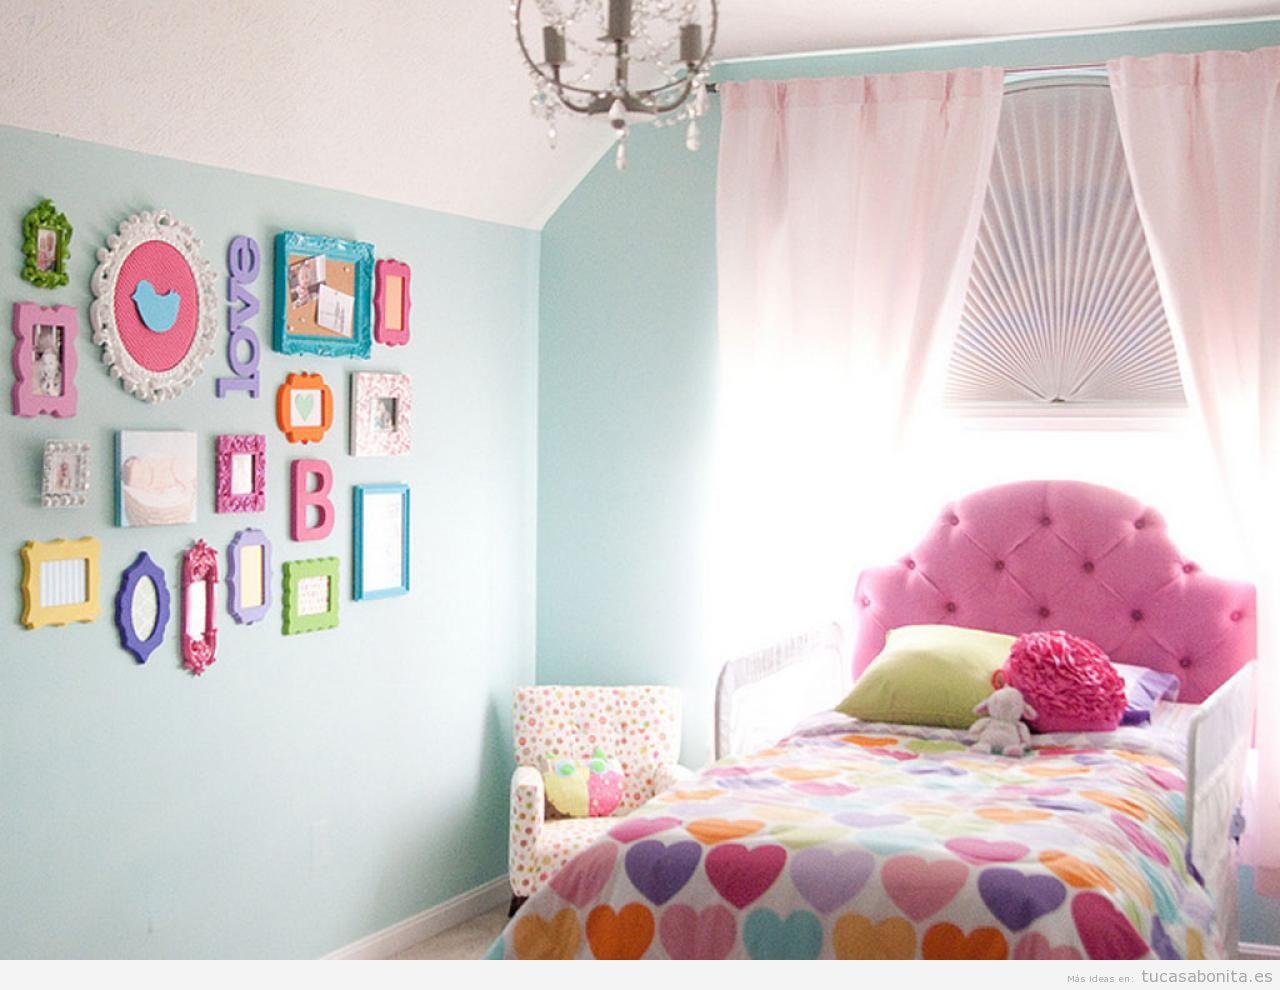 Ideas para decorar una habitación de bebé y de niño con poco dinero ...